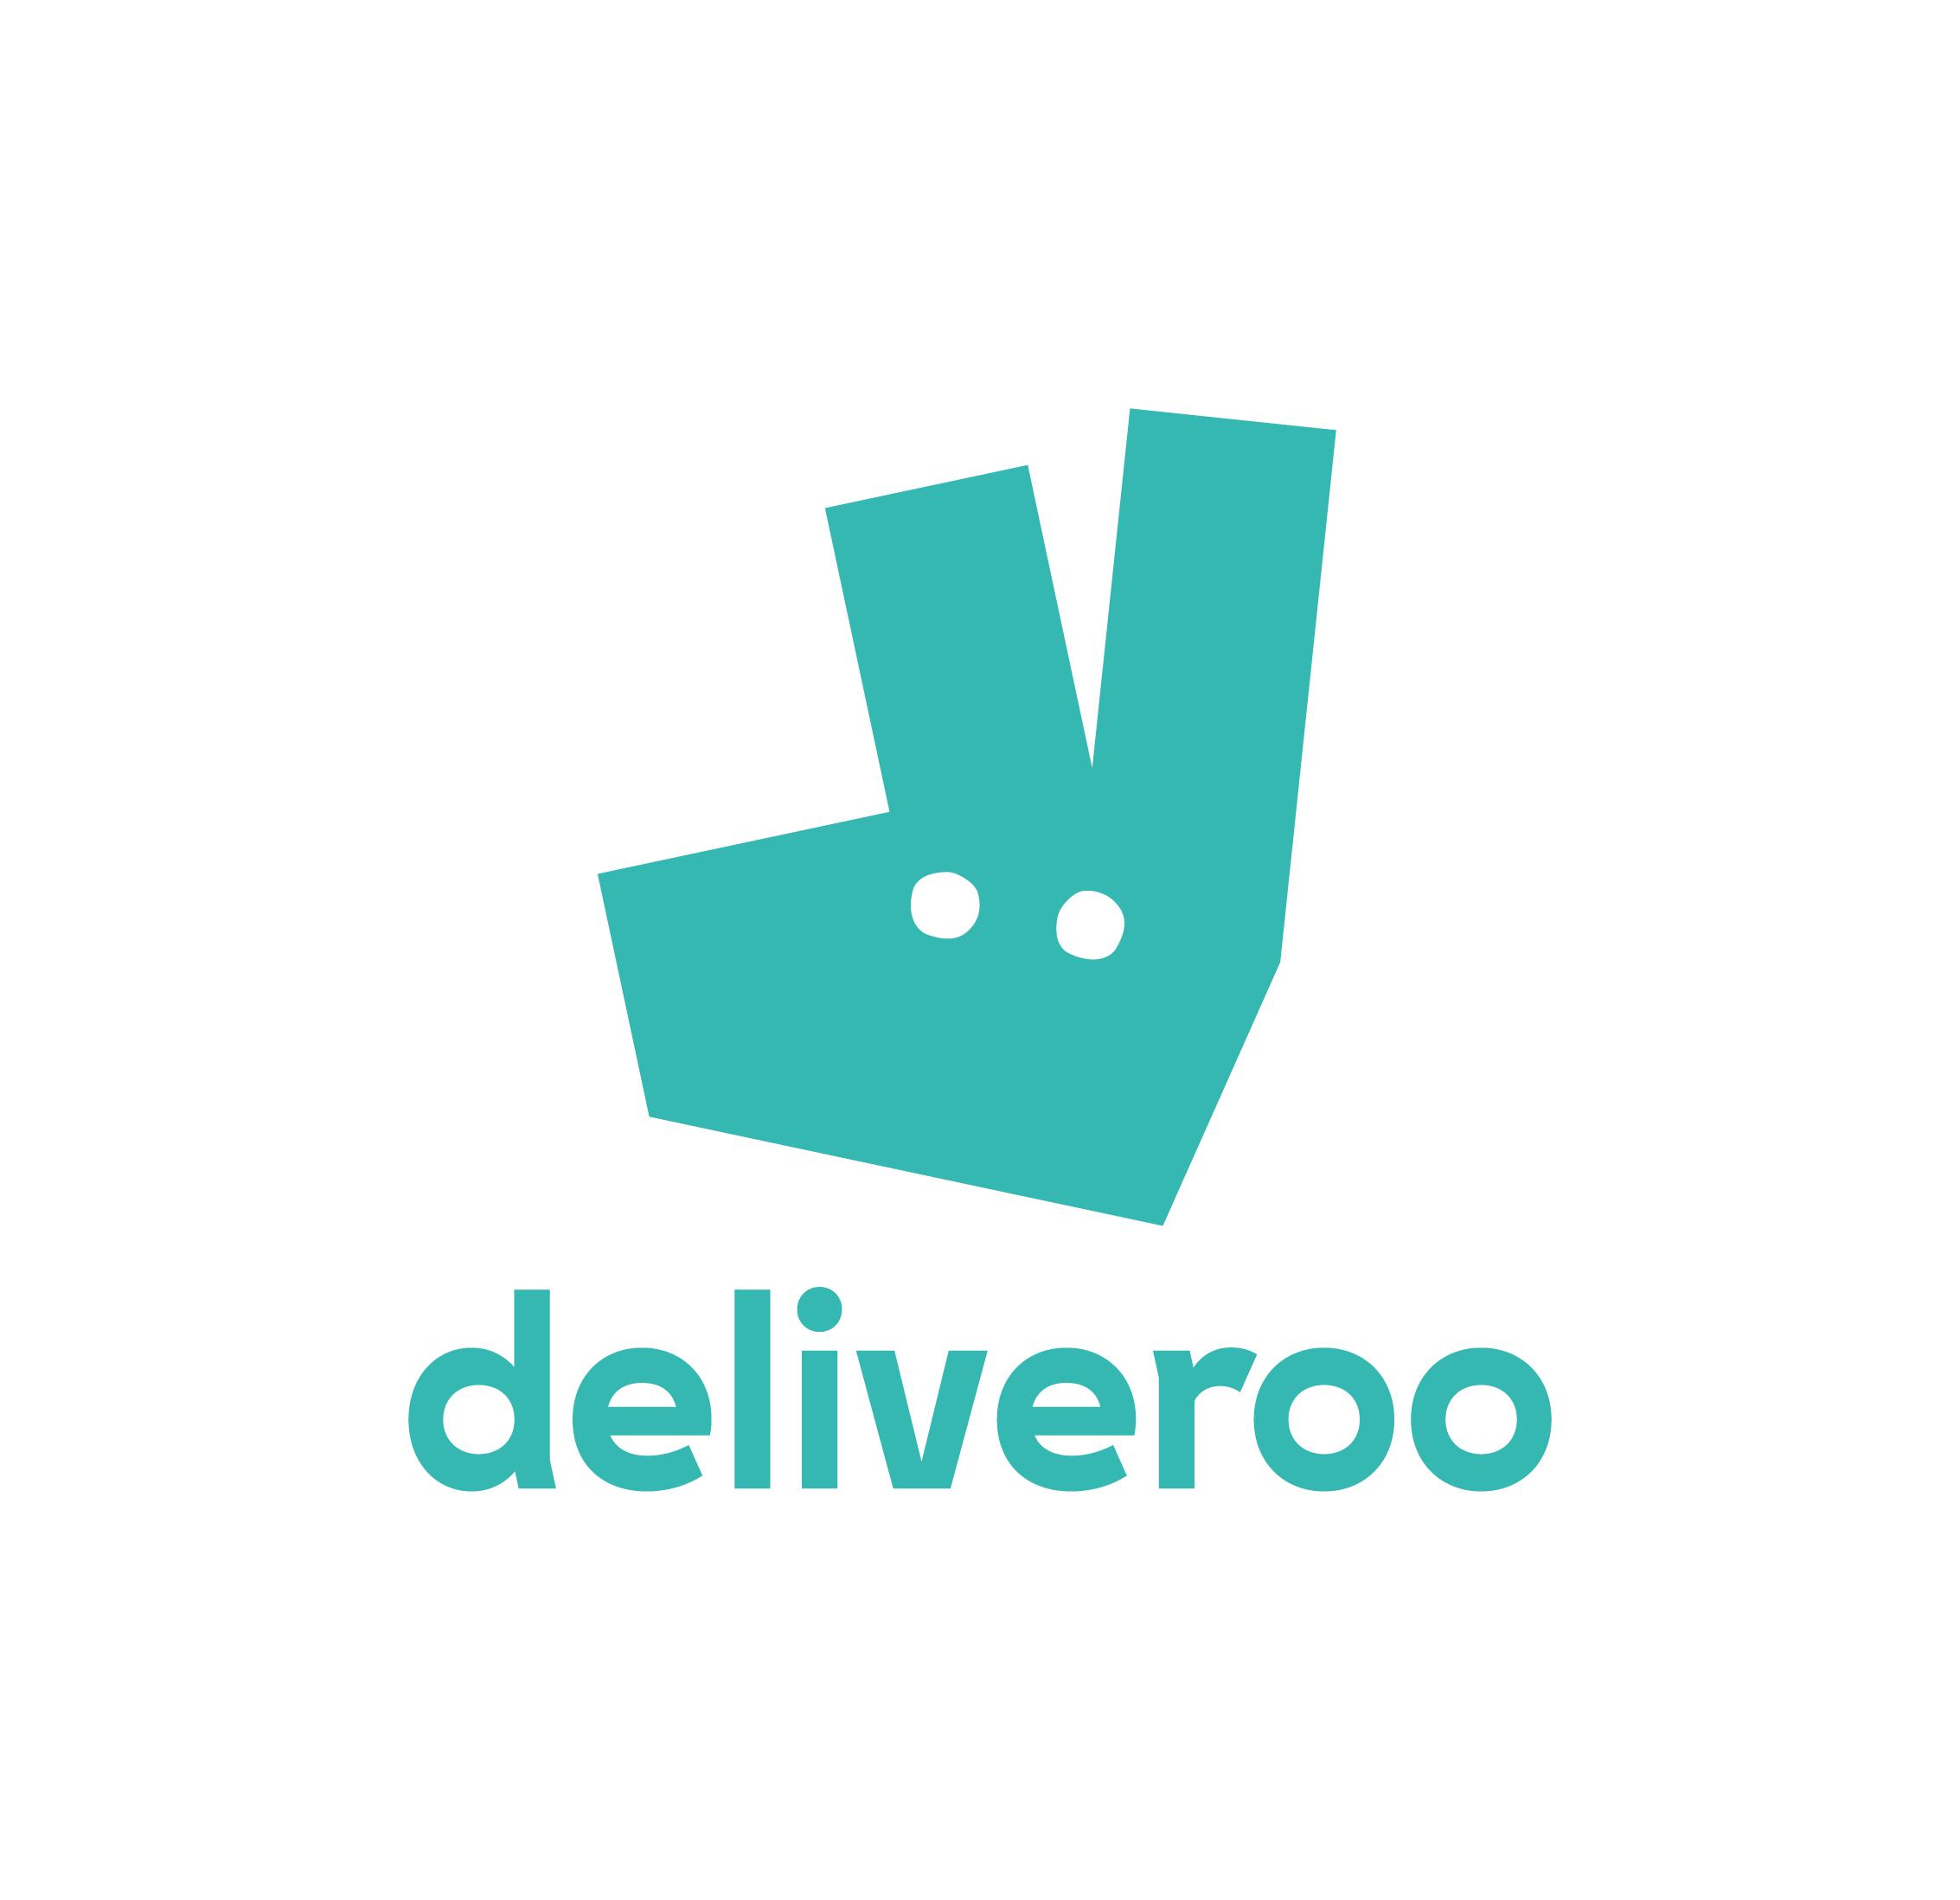 Deliveroo-Logo_Full_CMYK_Teal.jpg